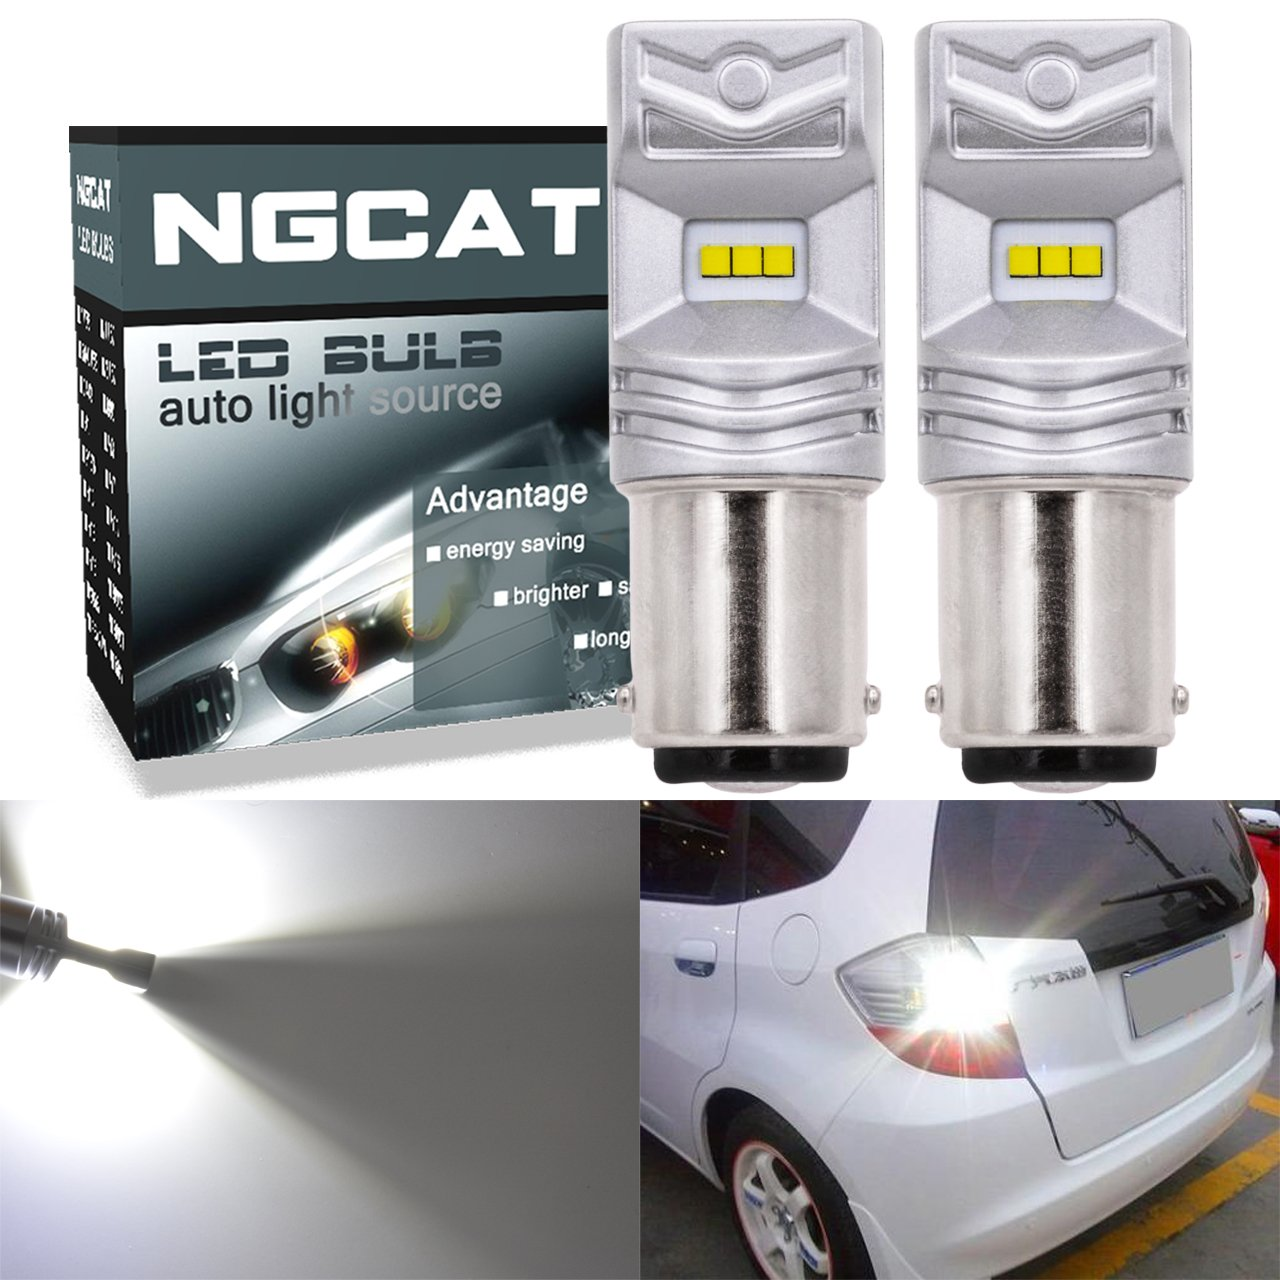 NGCAT 2 ampoules LED Philips H11 850 lm à puces CSP ultra lumineuses pour feux de jour automobiles H8-H9, blanc xénon, 12-24 V blanc xénon